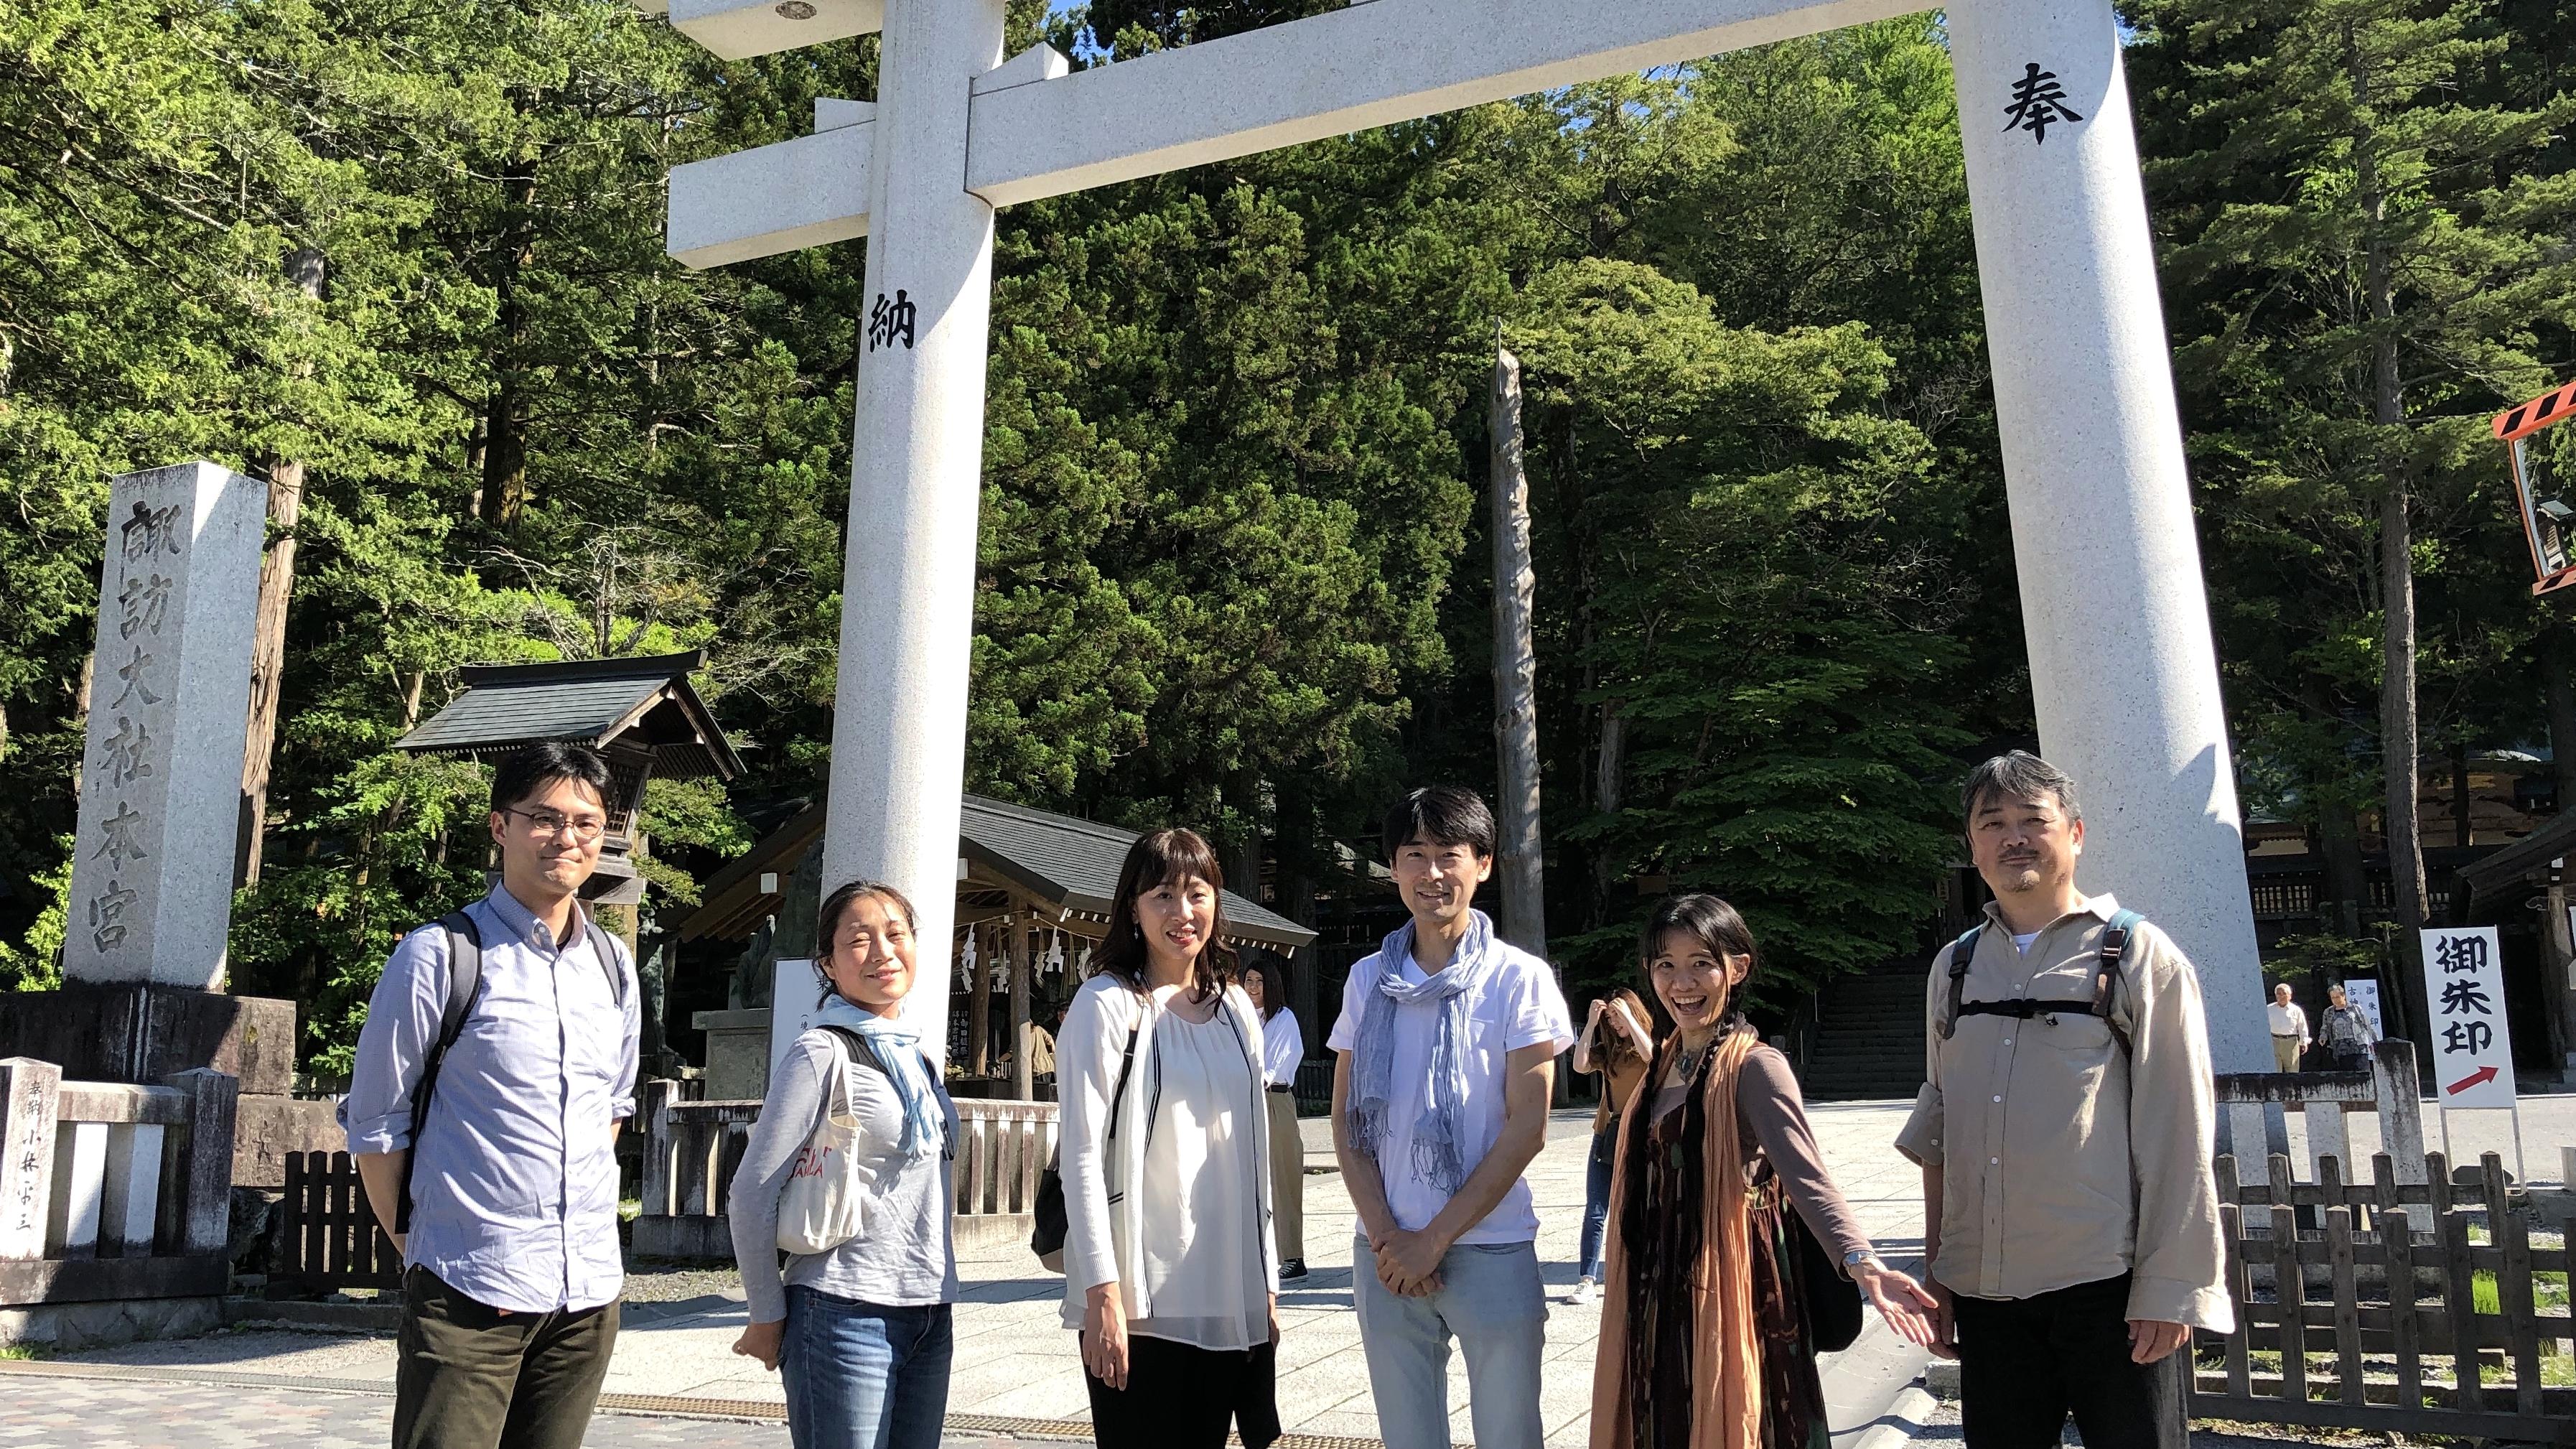 【風水1日ツアー記録&参加者の声】第10回は諏訪大社の四社巡りへ!